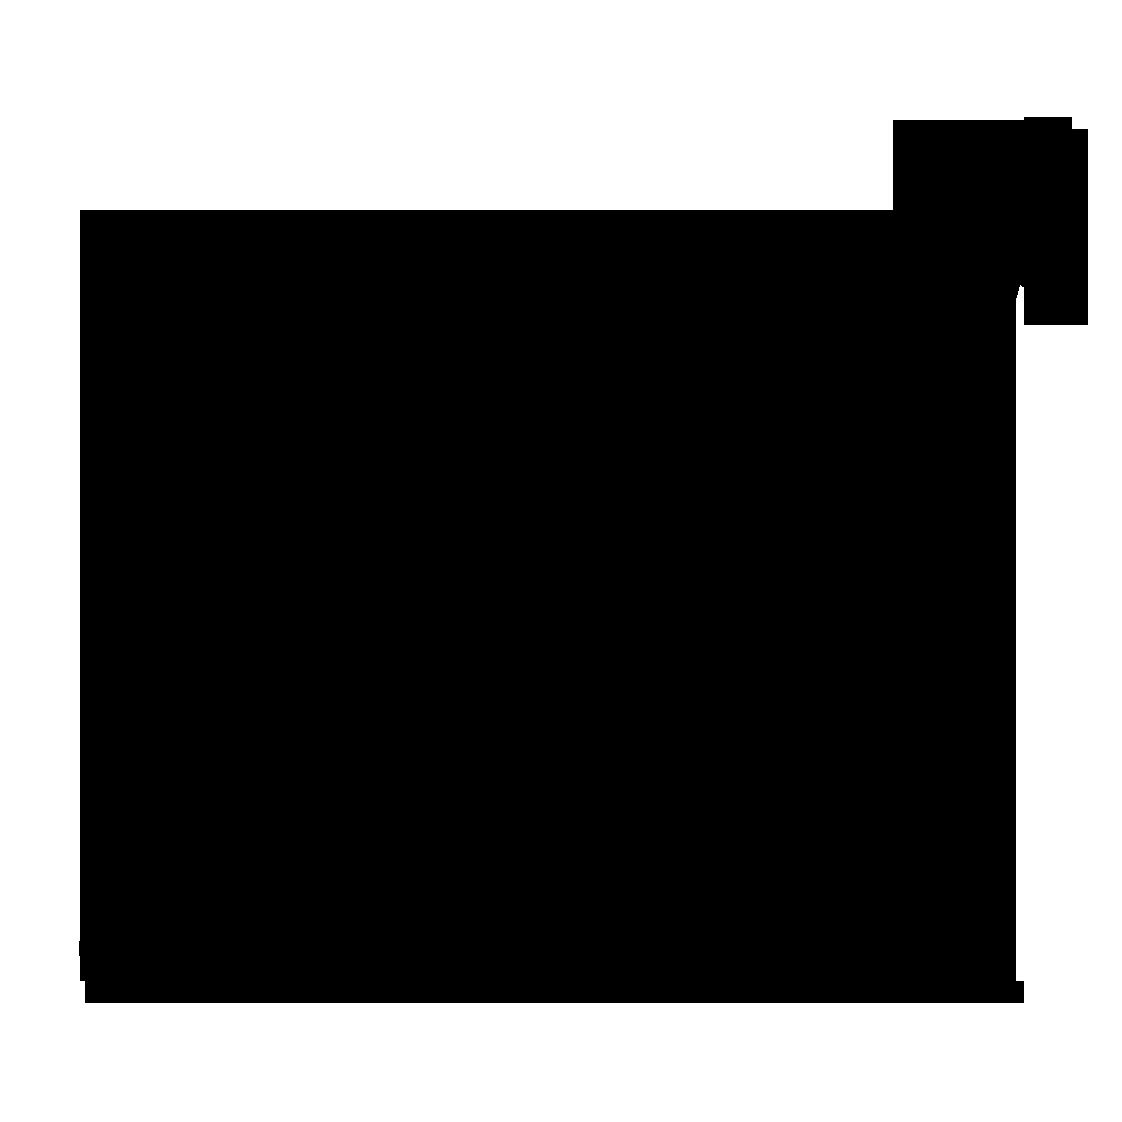 Hình mũi tên tăng trưởng